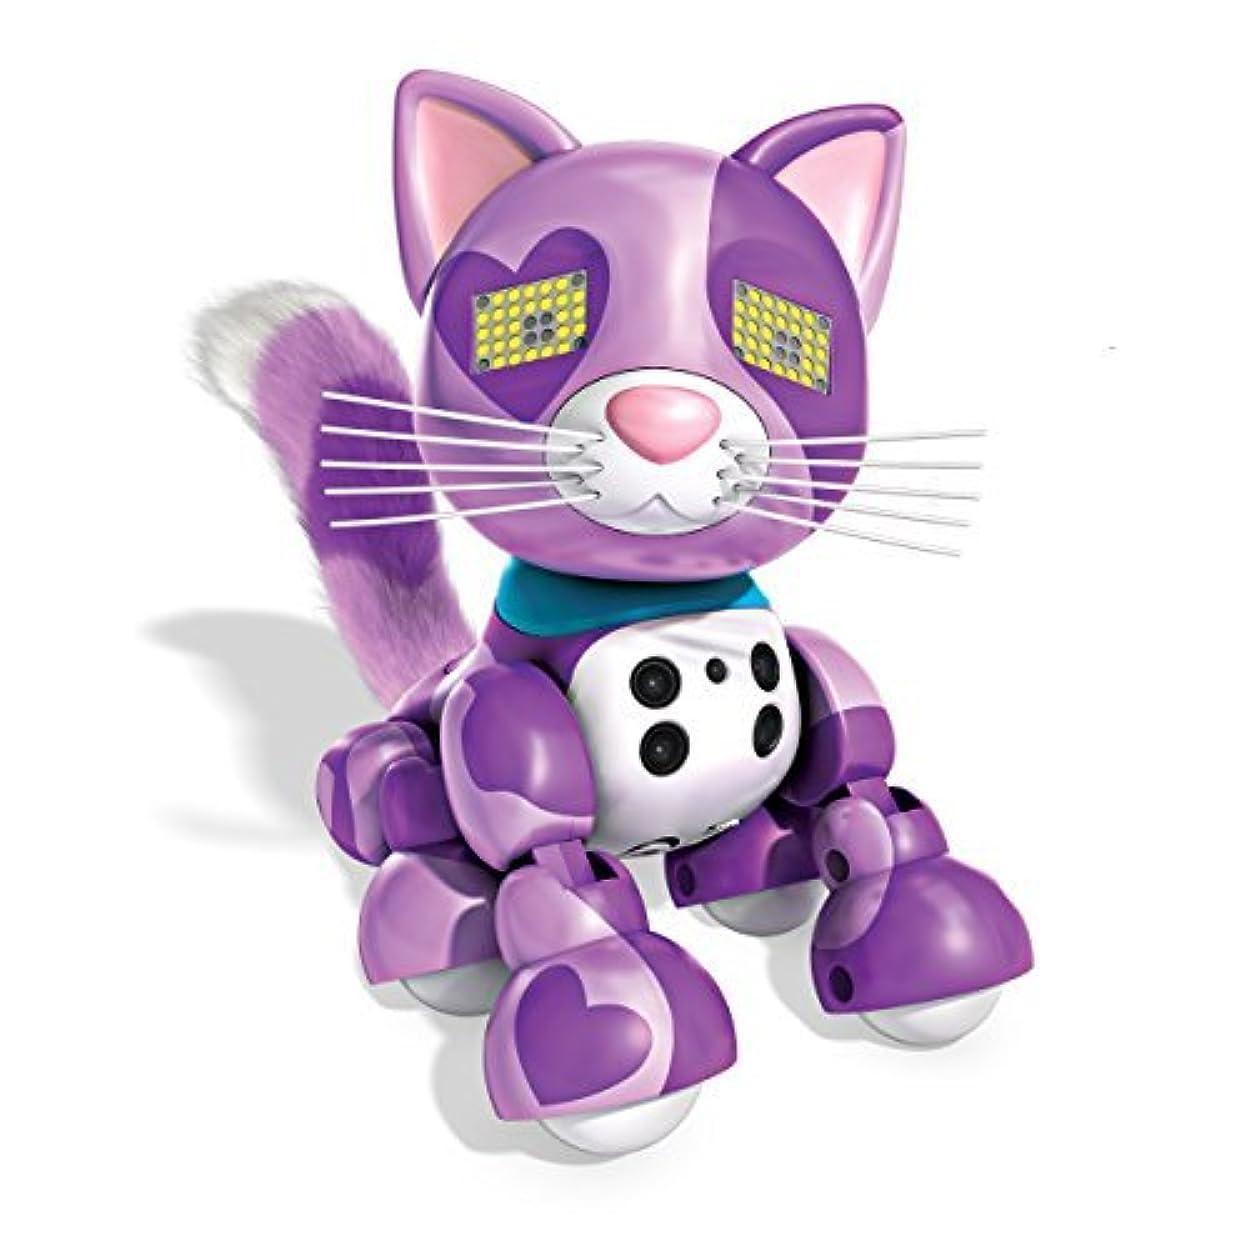 代替案魚Zoomer Meowzies, Viola, Interactive Kitten with Lights, Sounds and Sensors, by Spin Master [並行輸入品]